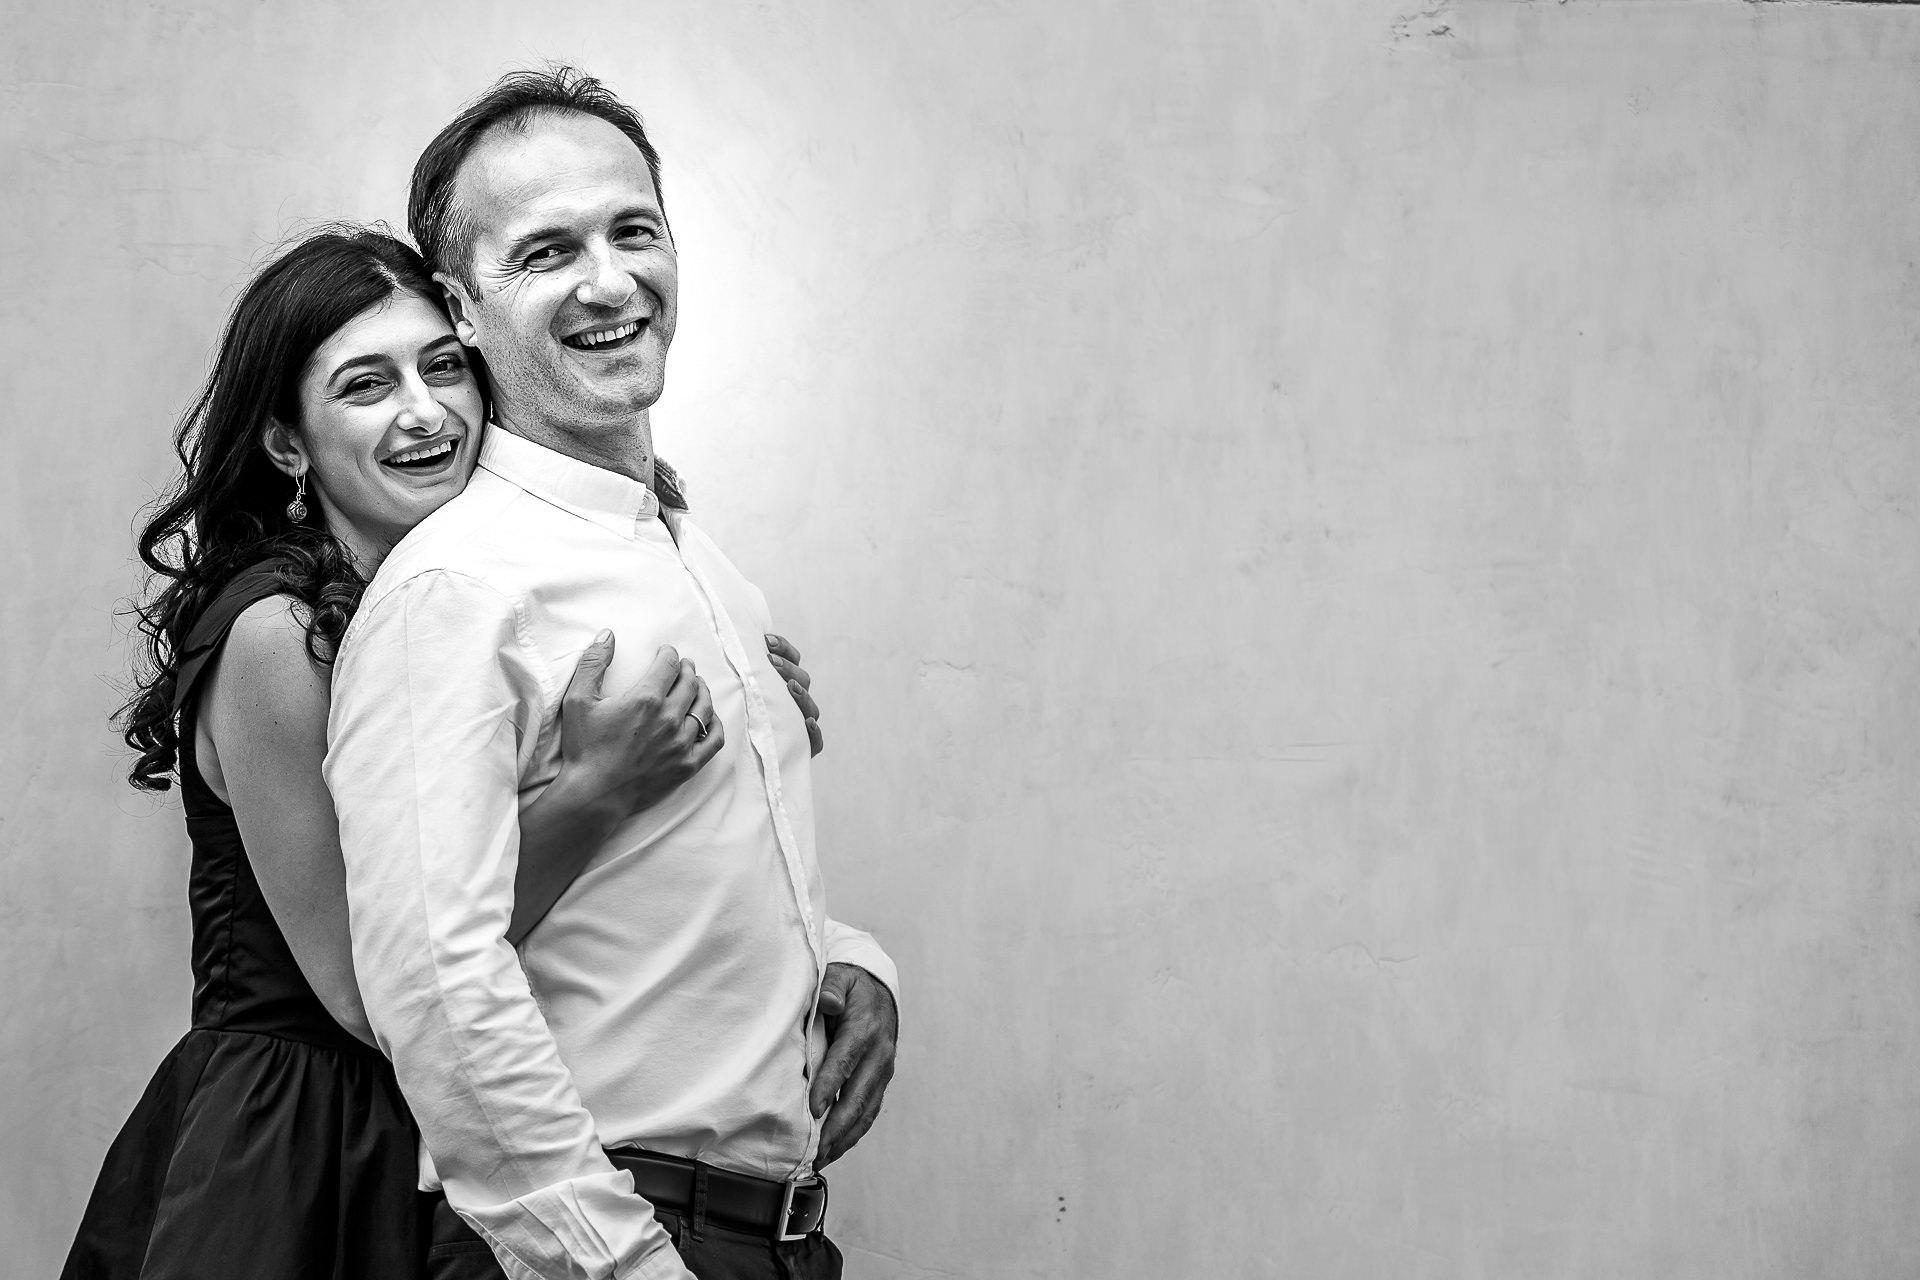 Şedinţă foto de logodnă Bucureşti Centrul Vechi - Aniela şi Ovidiu - Mihai Zaharia Photography